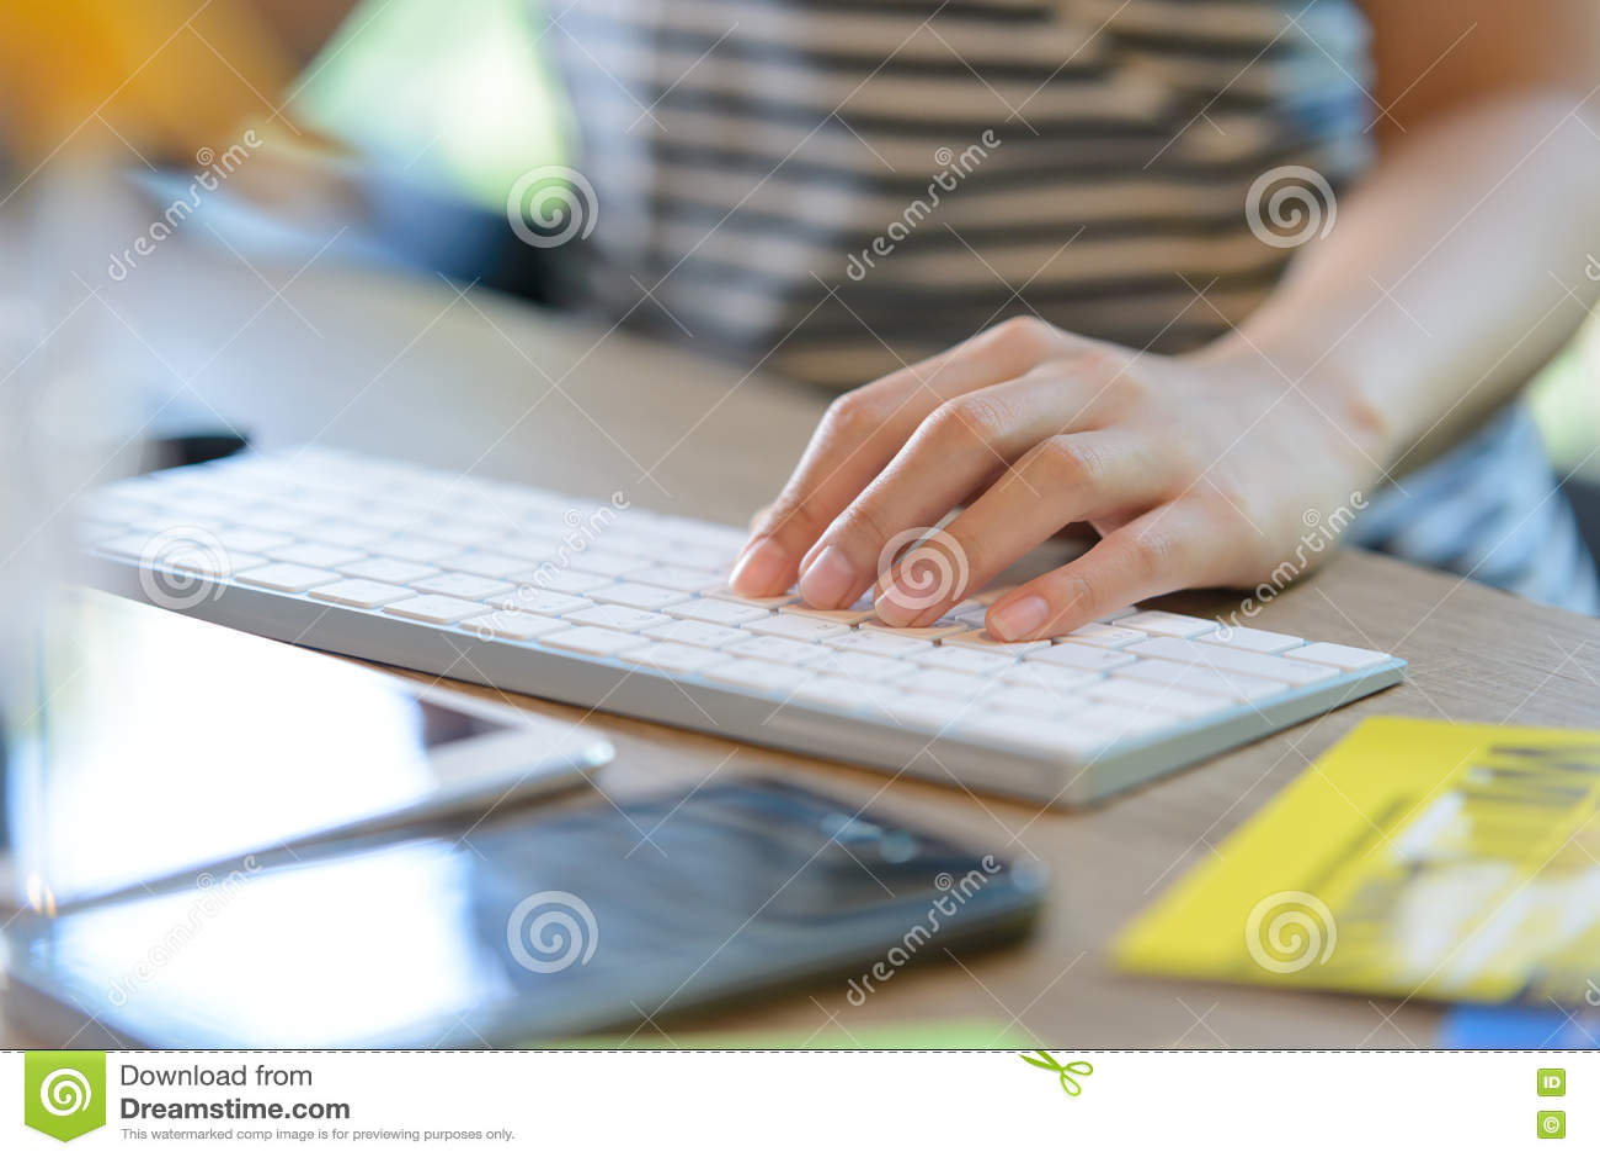 Download Женский левый печатать на клавиатуре Стоковое Фото - изображение насчитывающей typing, indoors: 72278132